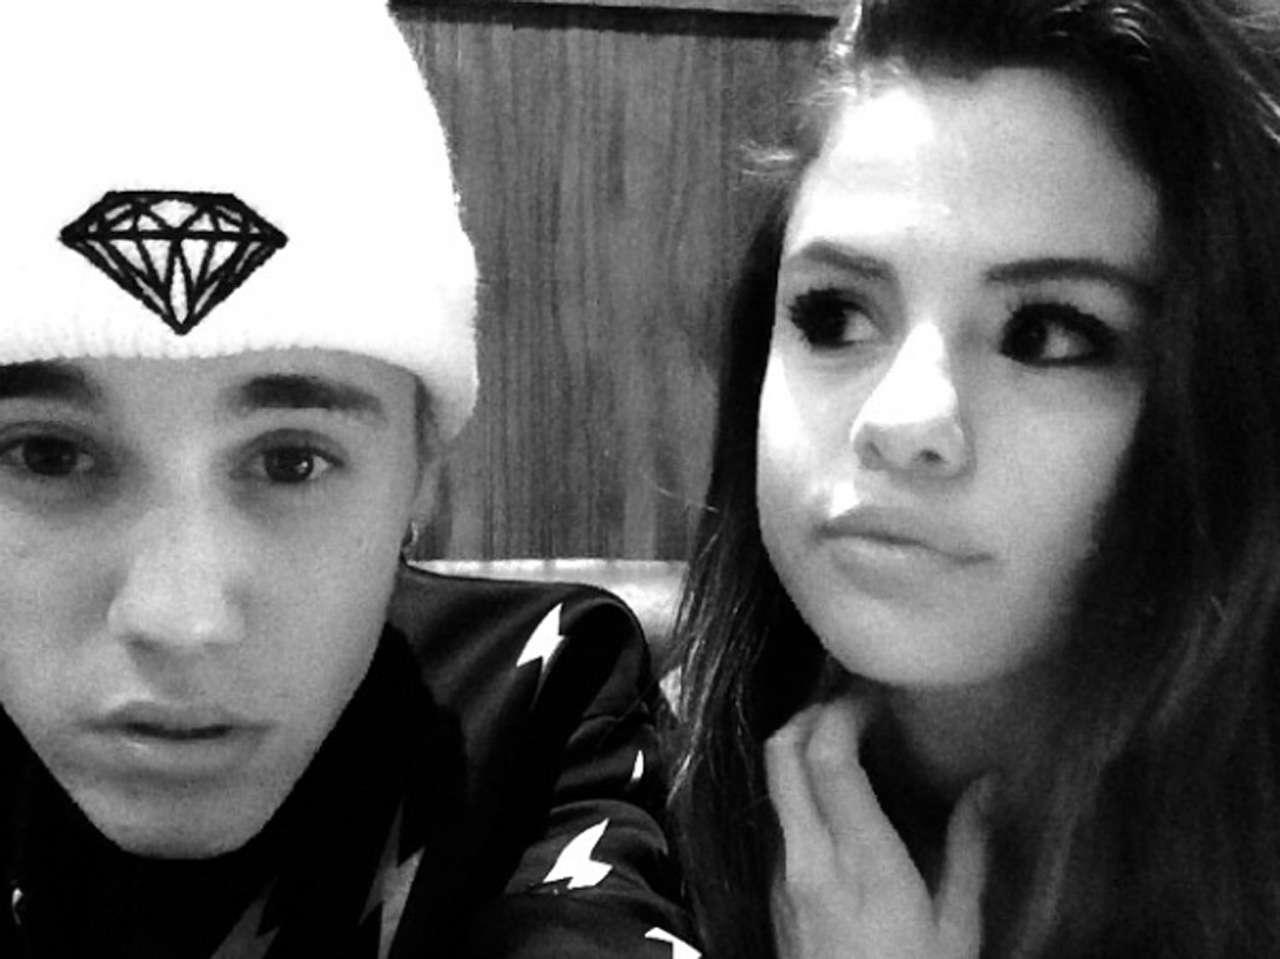 Instagram / Justin Bieber